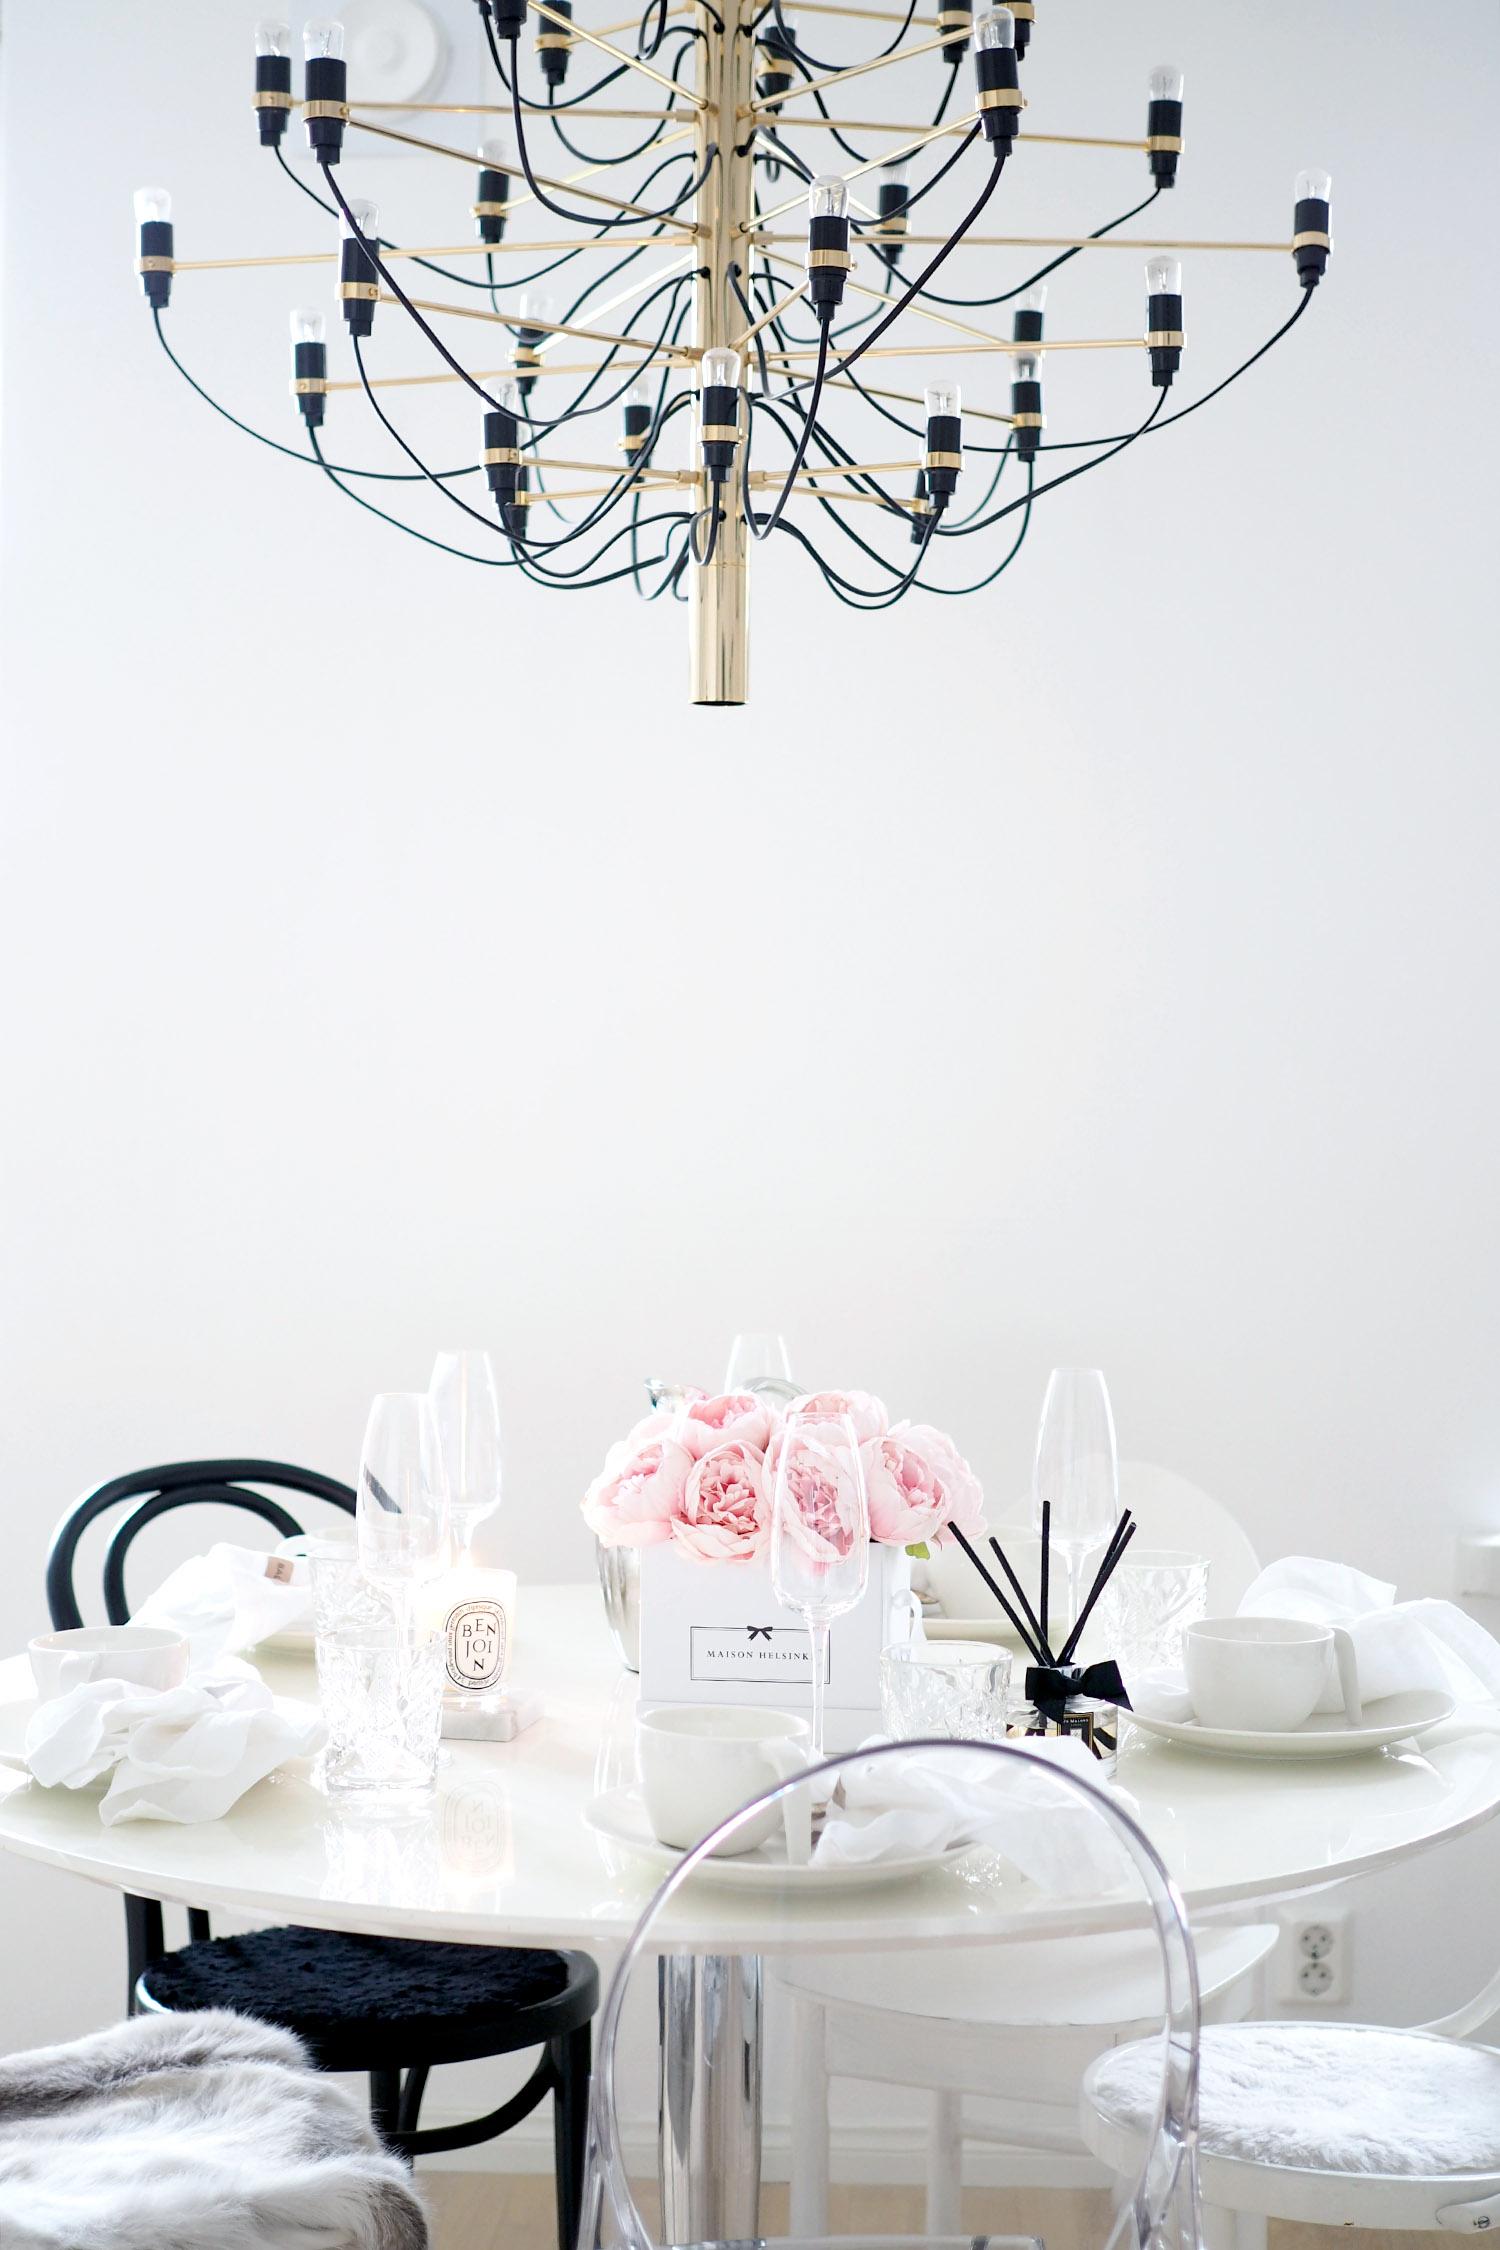 Char and the city, pyöreä ruokapöytä, brunssi, kattaus, kummilapset, Töölö, interior design, brunch, table setting, round table